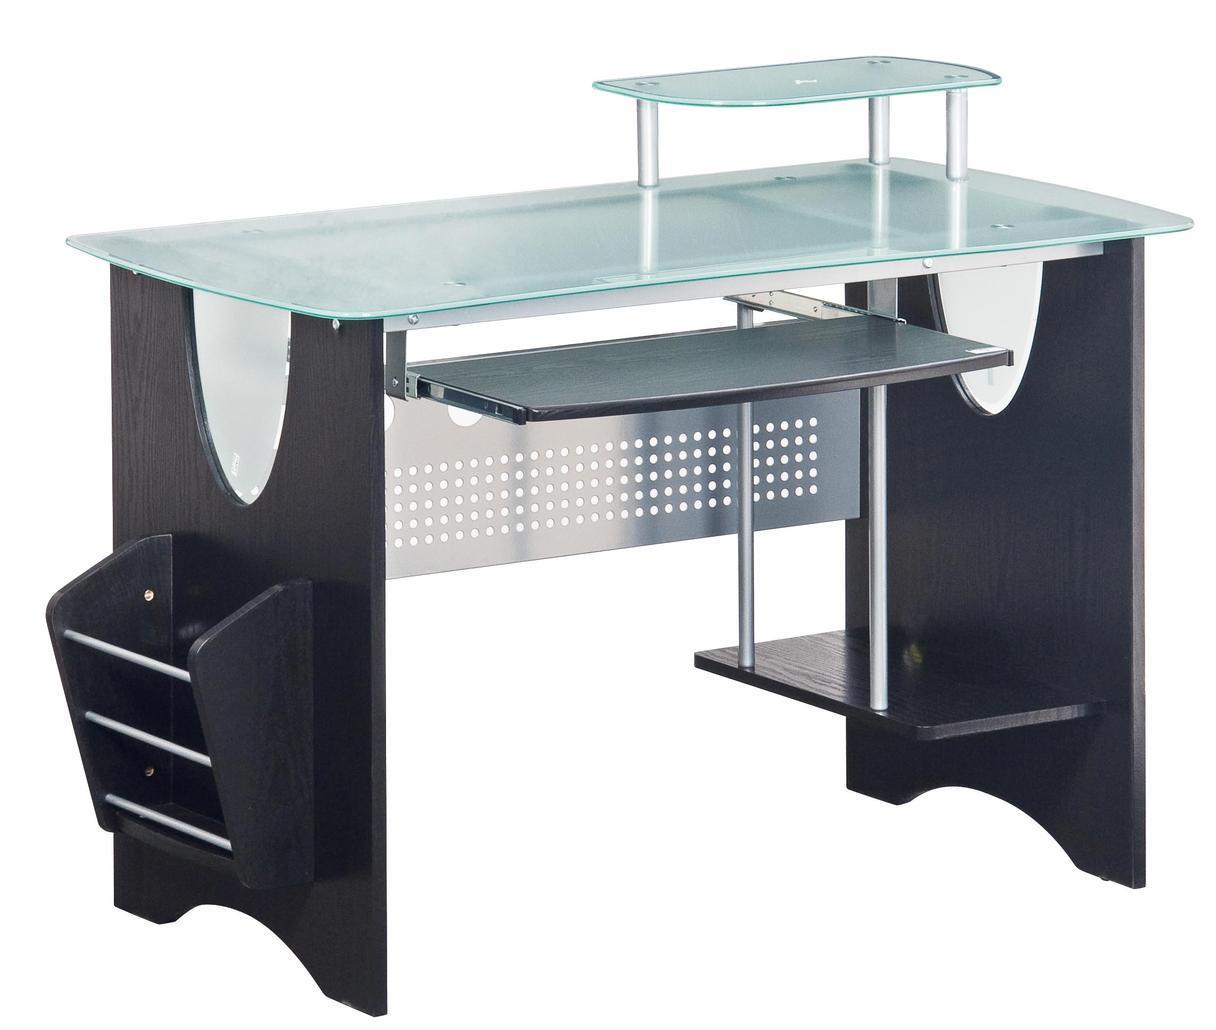 Rta Products Rta3325es18 Computer Desk Appliances Connection